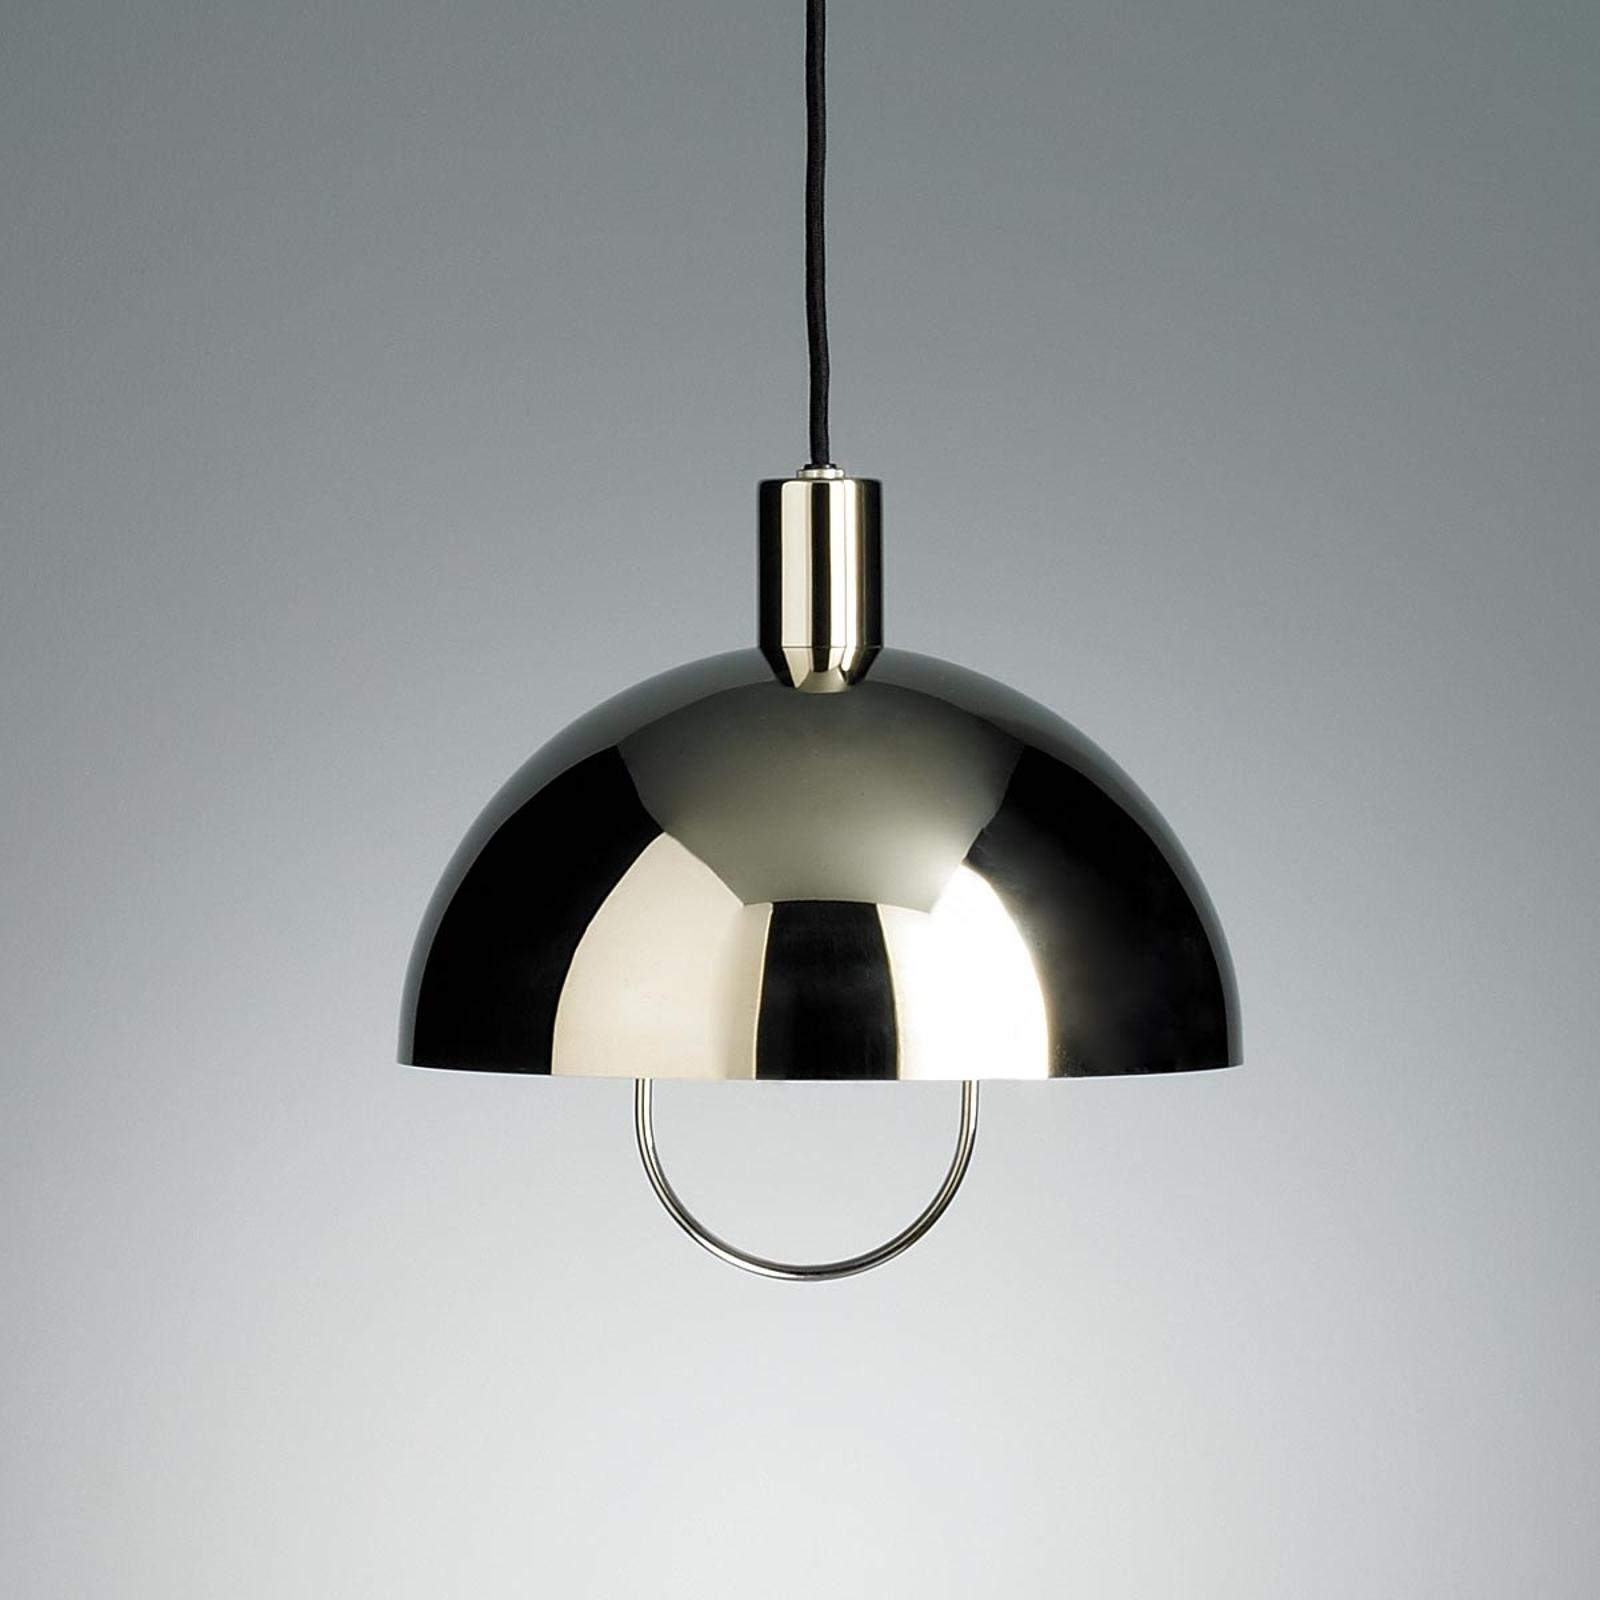 TECNOLUMEN HMB25 hanglamp met rolhijsinr. zilver